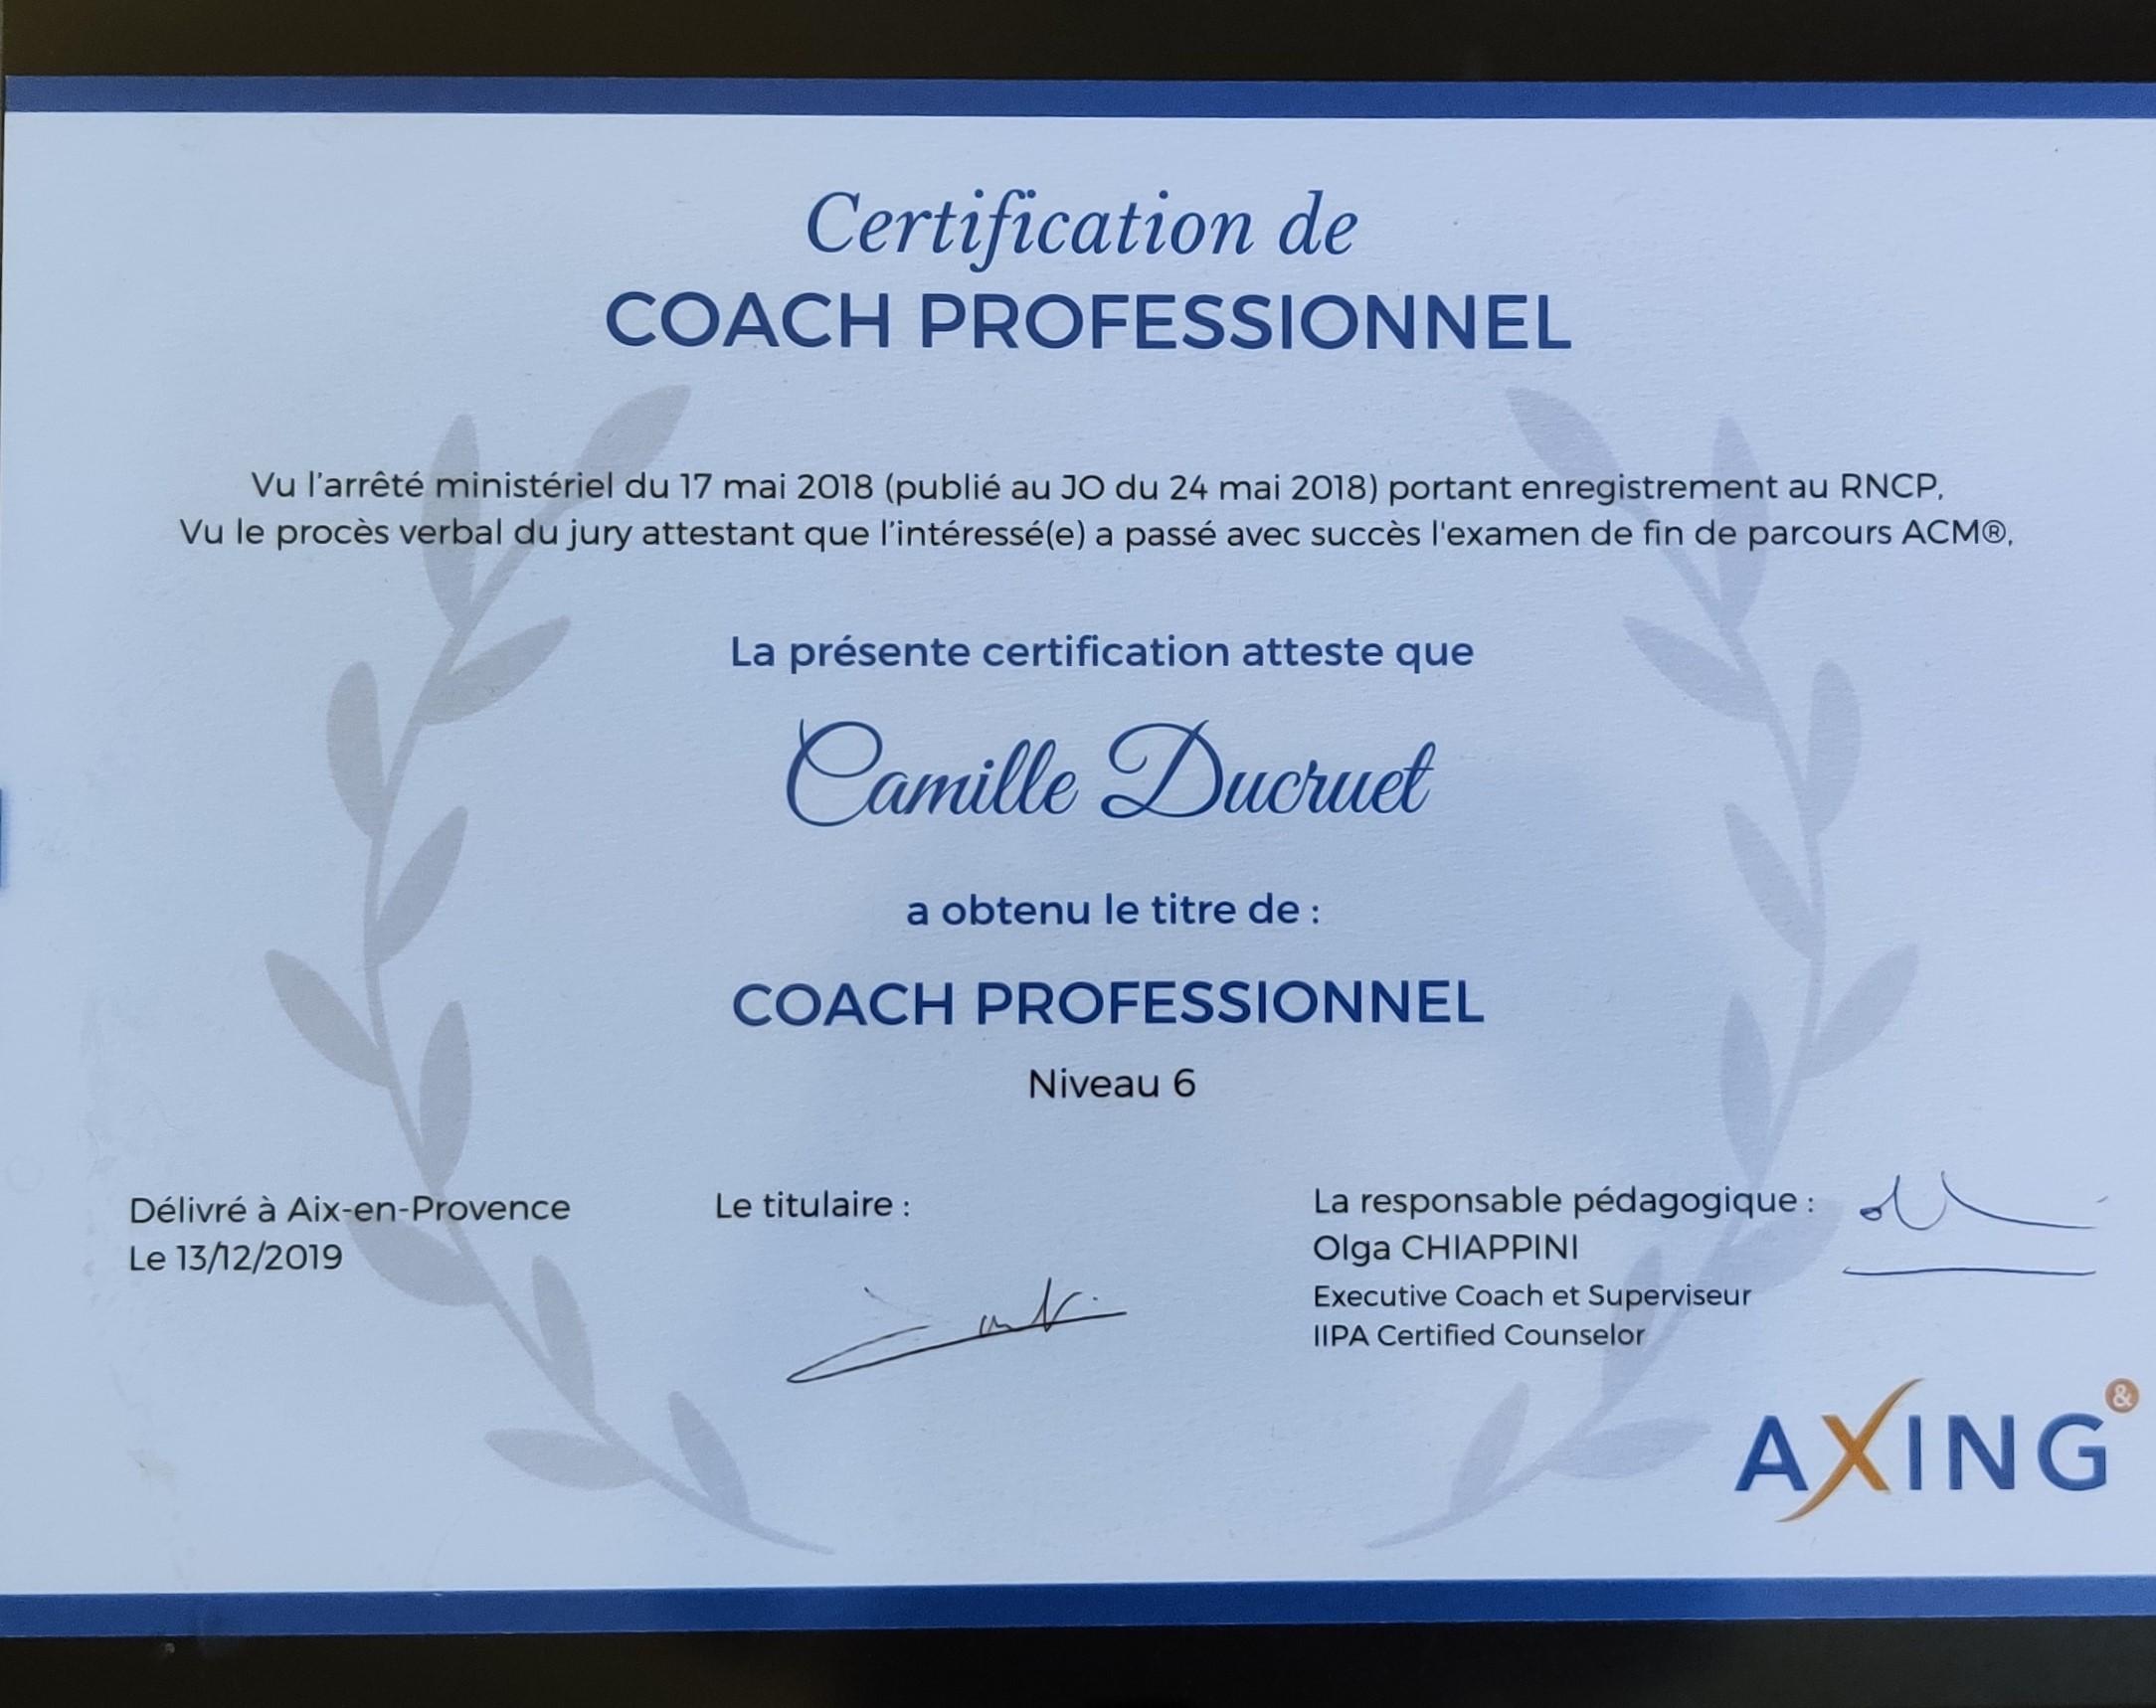 Certification Coach Professionnel spécialisé dans l'approche Intégrative et Relationnelle